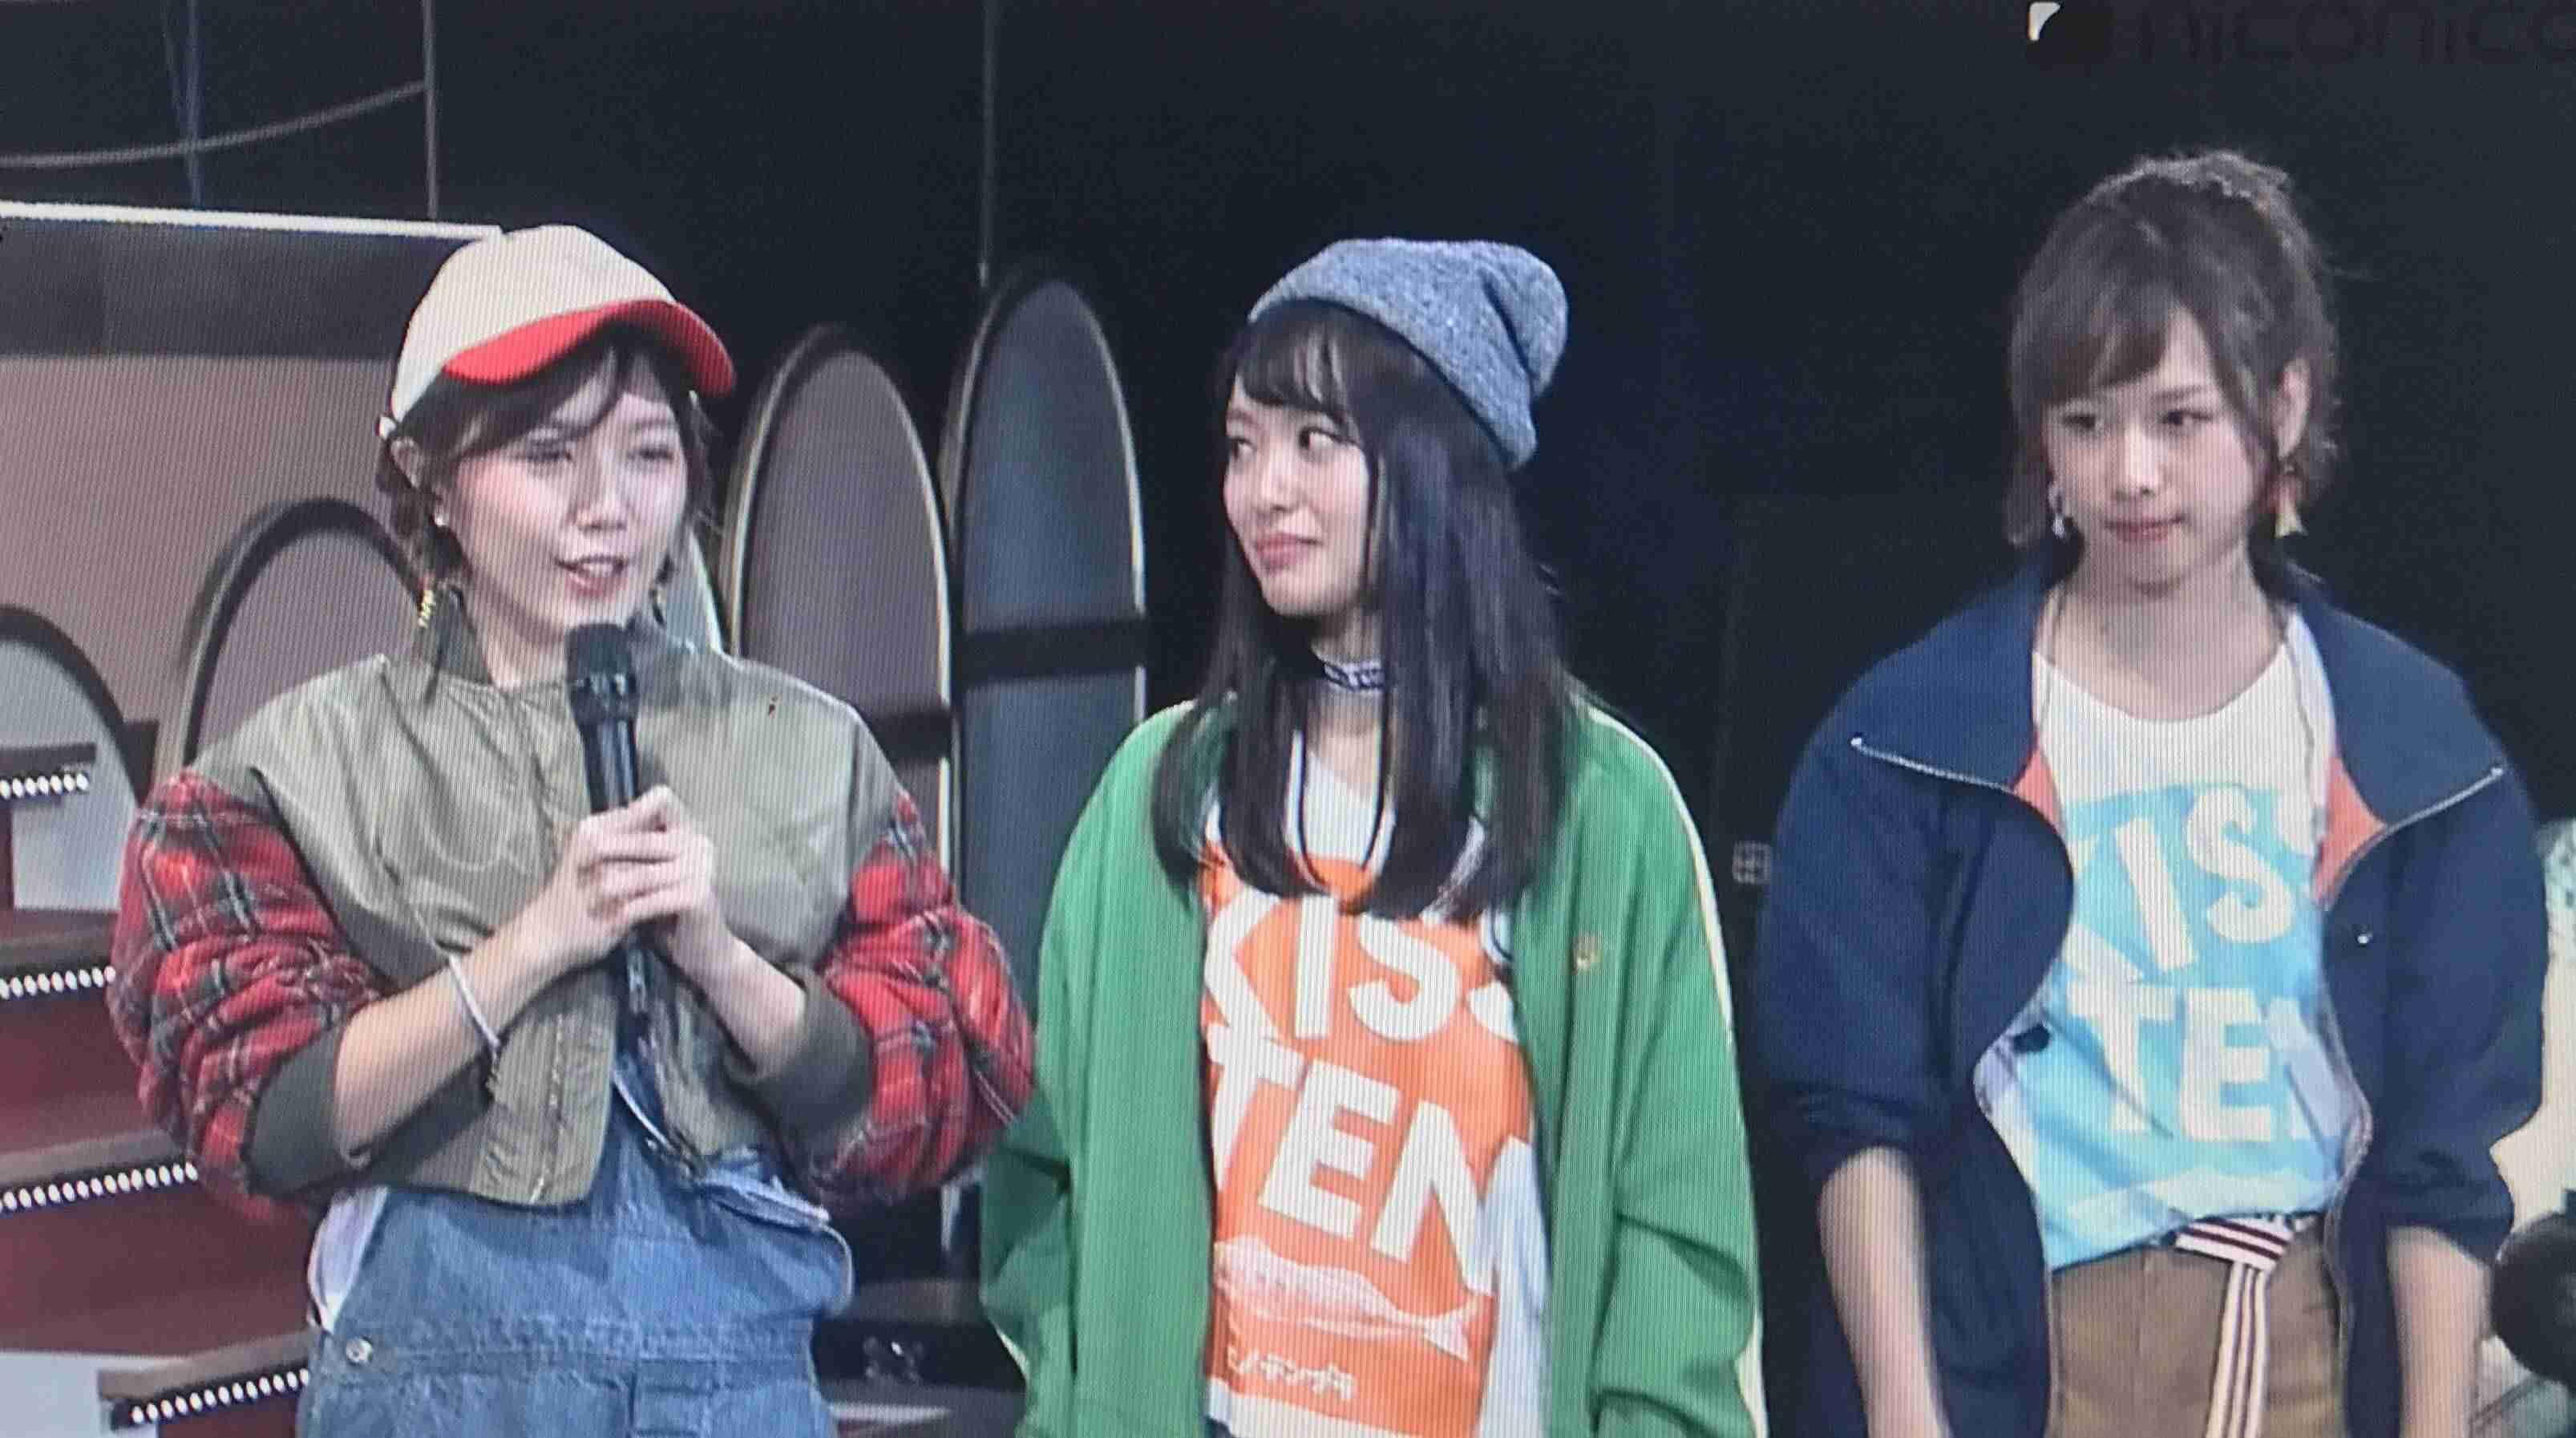 【NGT48】 北原里英が問題発言 「 今まで後輩に席譲りまくってきましたから」 w w w | AKB48とかまとめぐちゃん